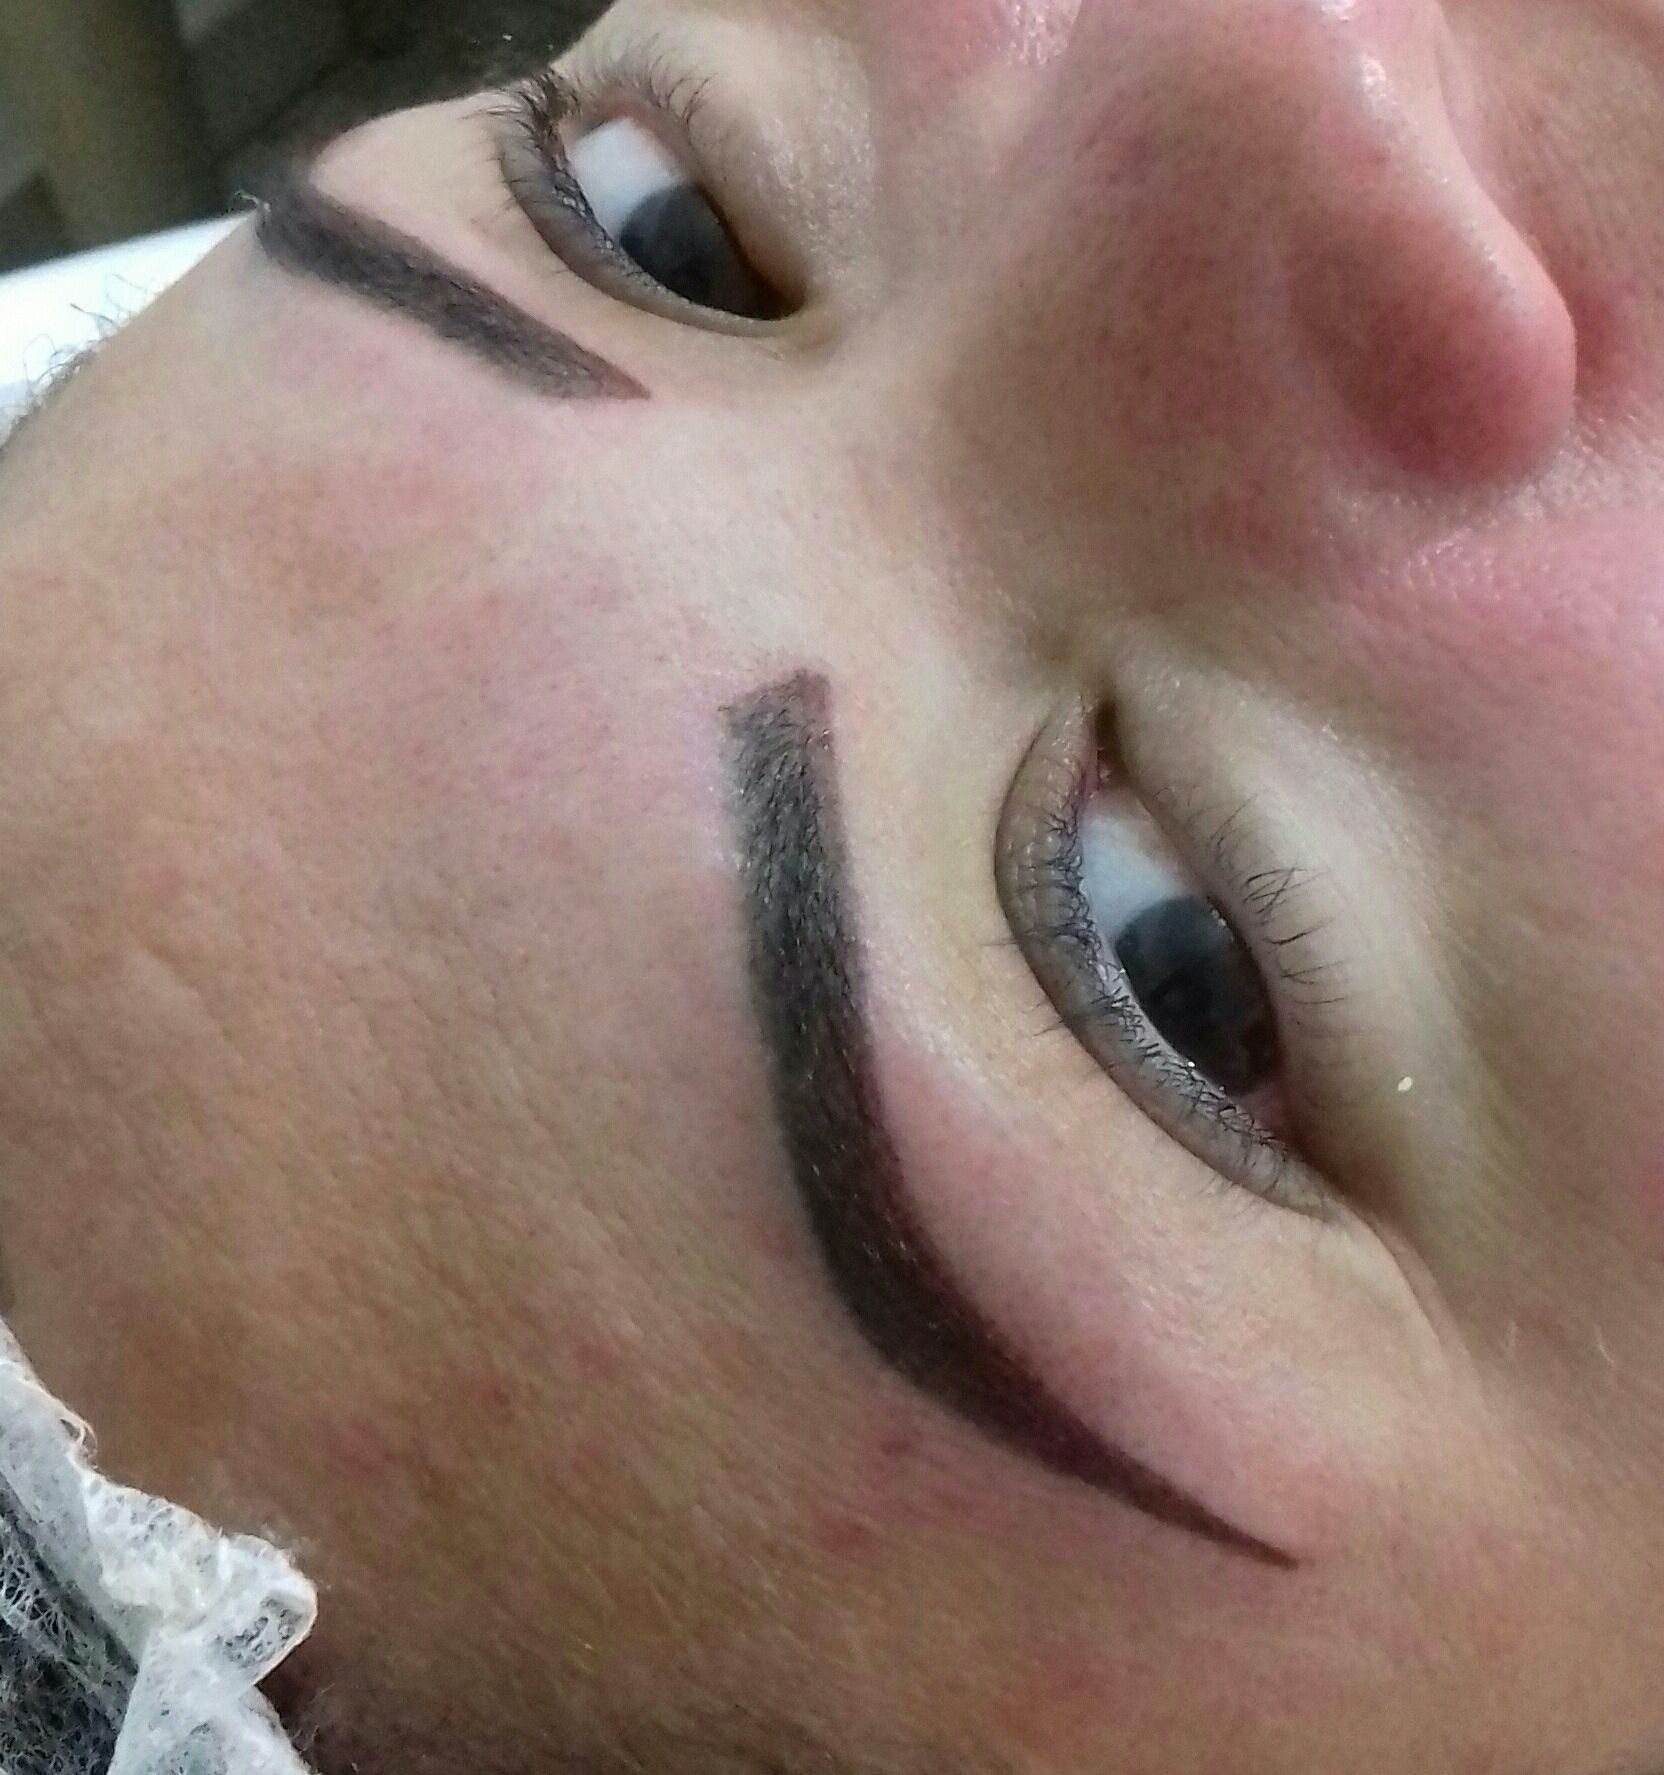 designer de sobrancelhas dermopigmentador(a) depilador(a) micropigmentador(a) esteticista